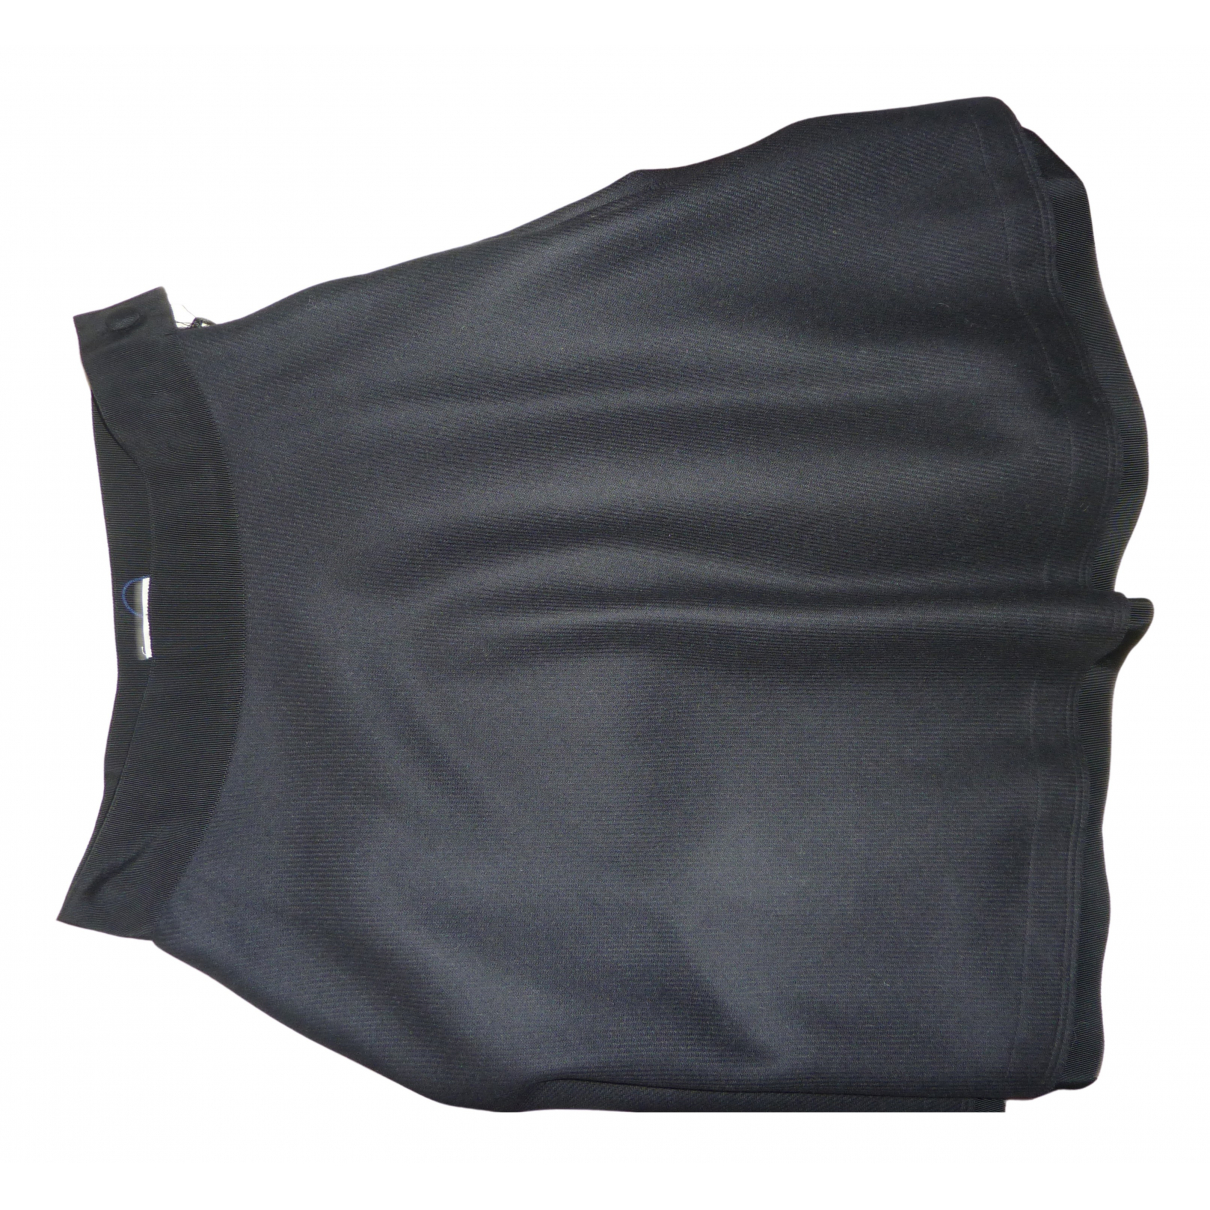 Moncler \N Black Wool skirt for Women 40 IT